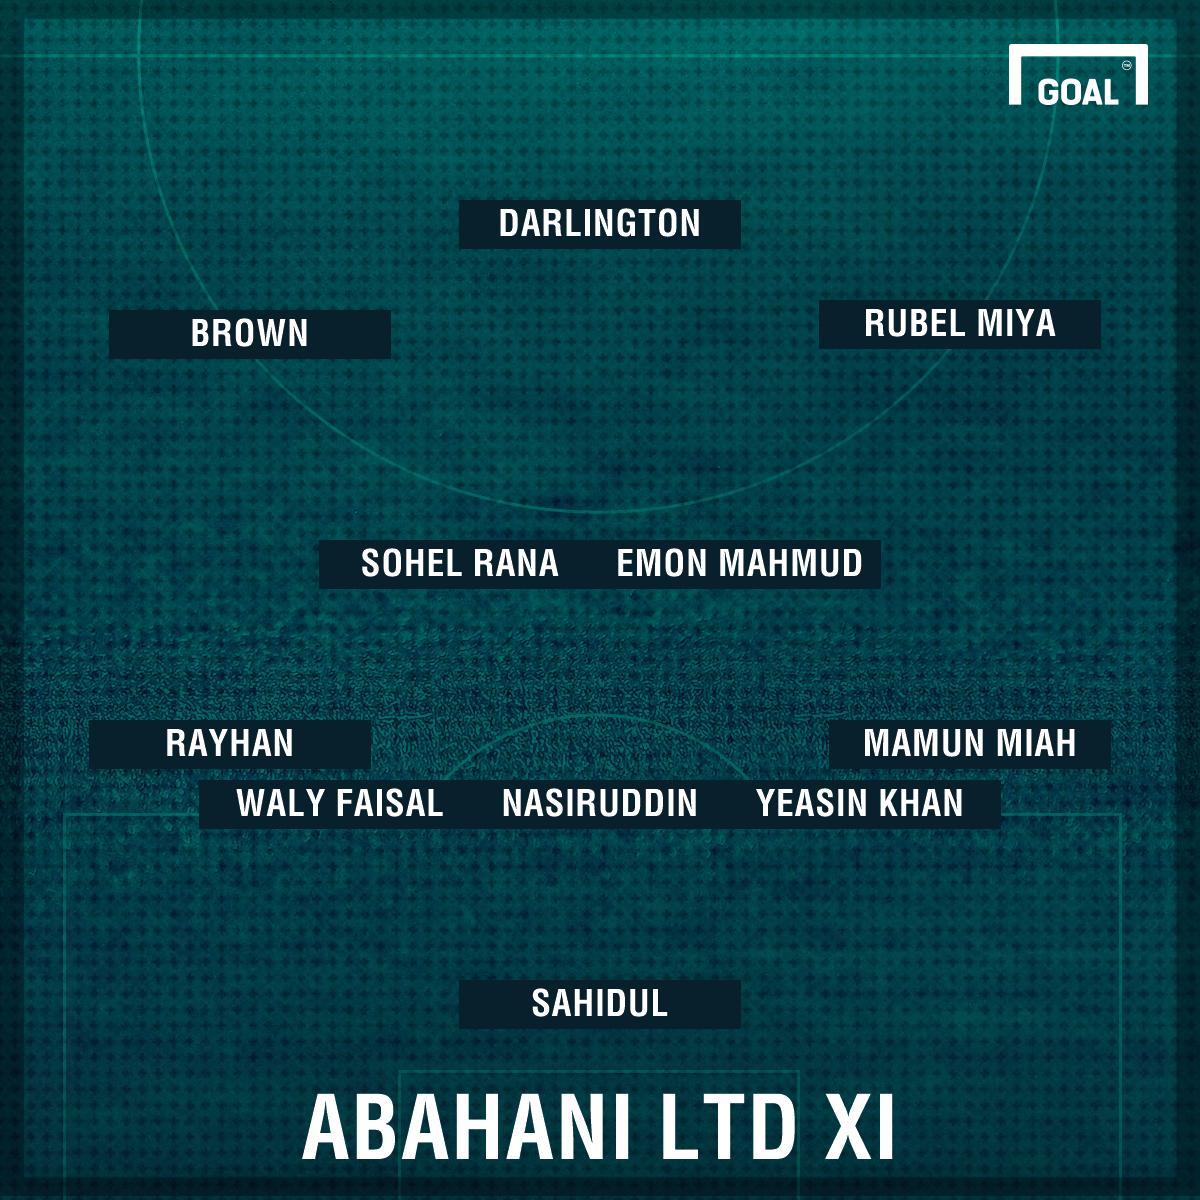 Abahani Limited Probable Mohun Bagan